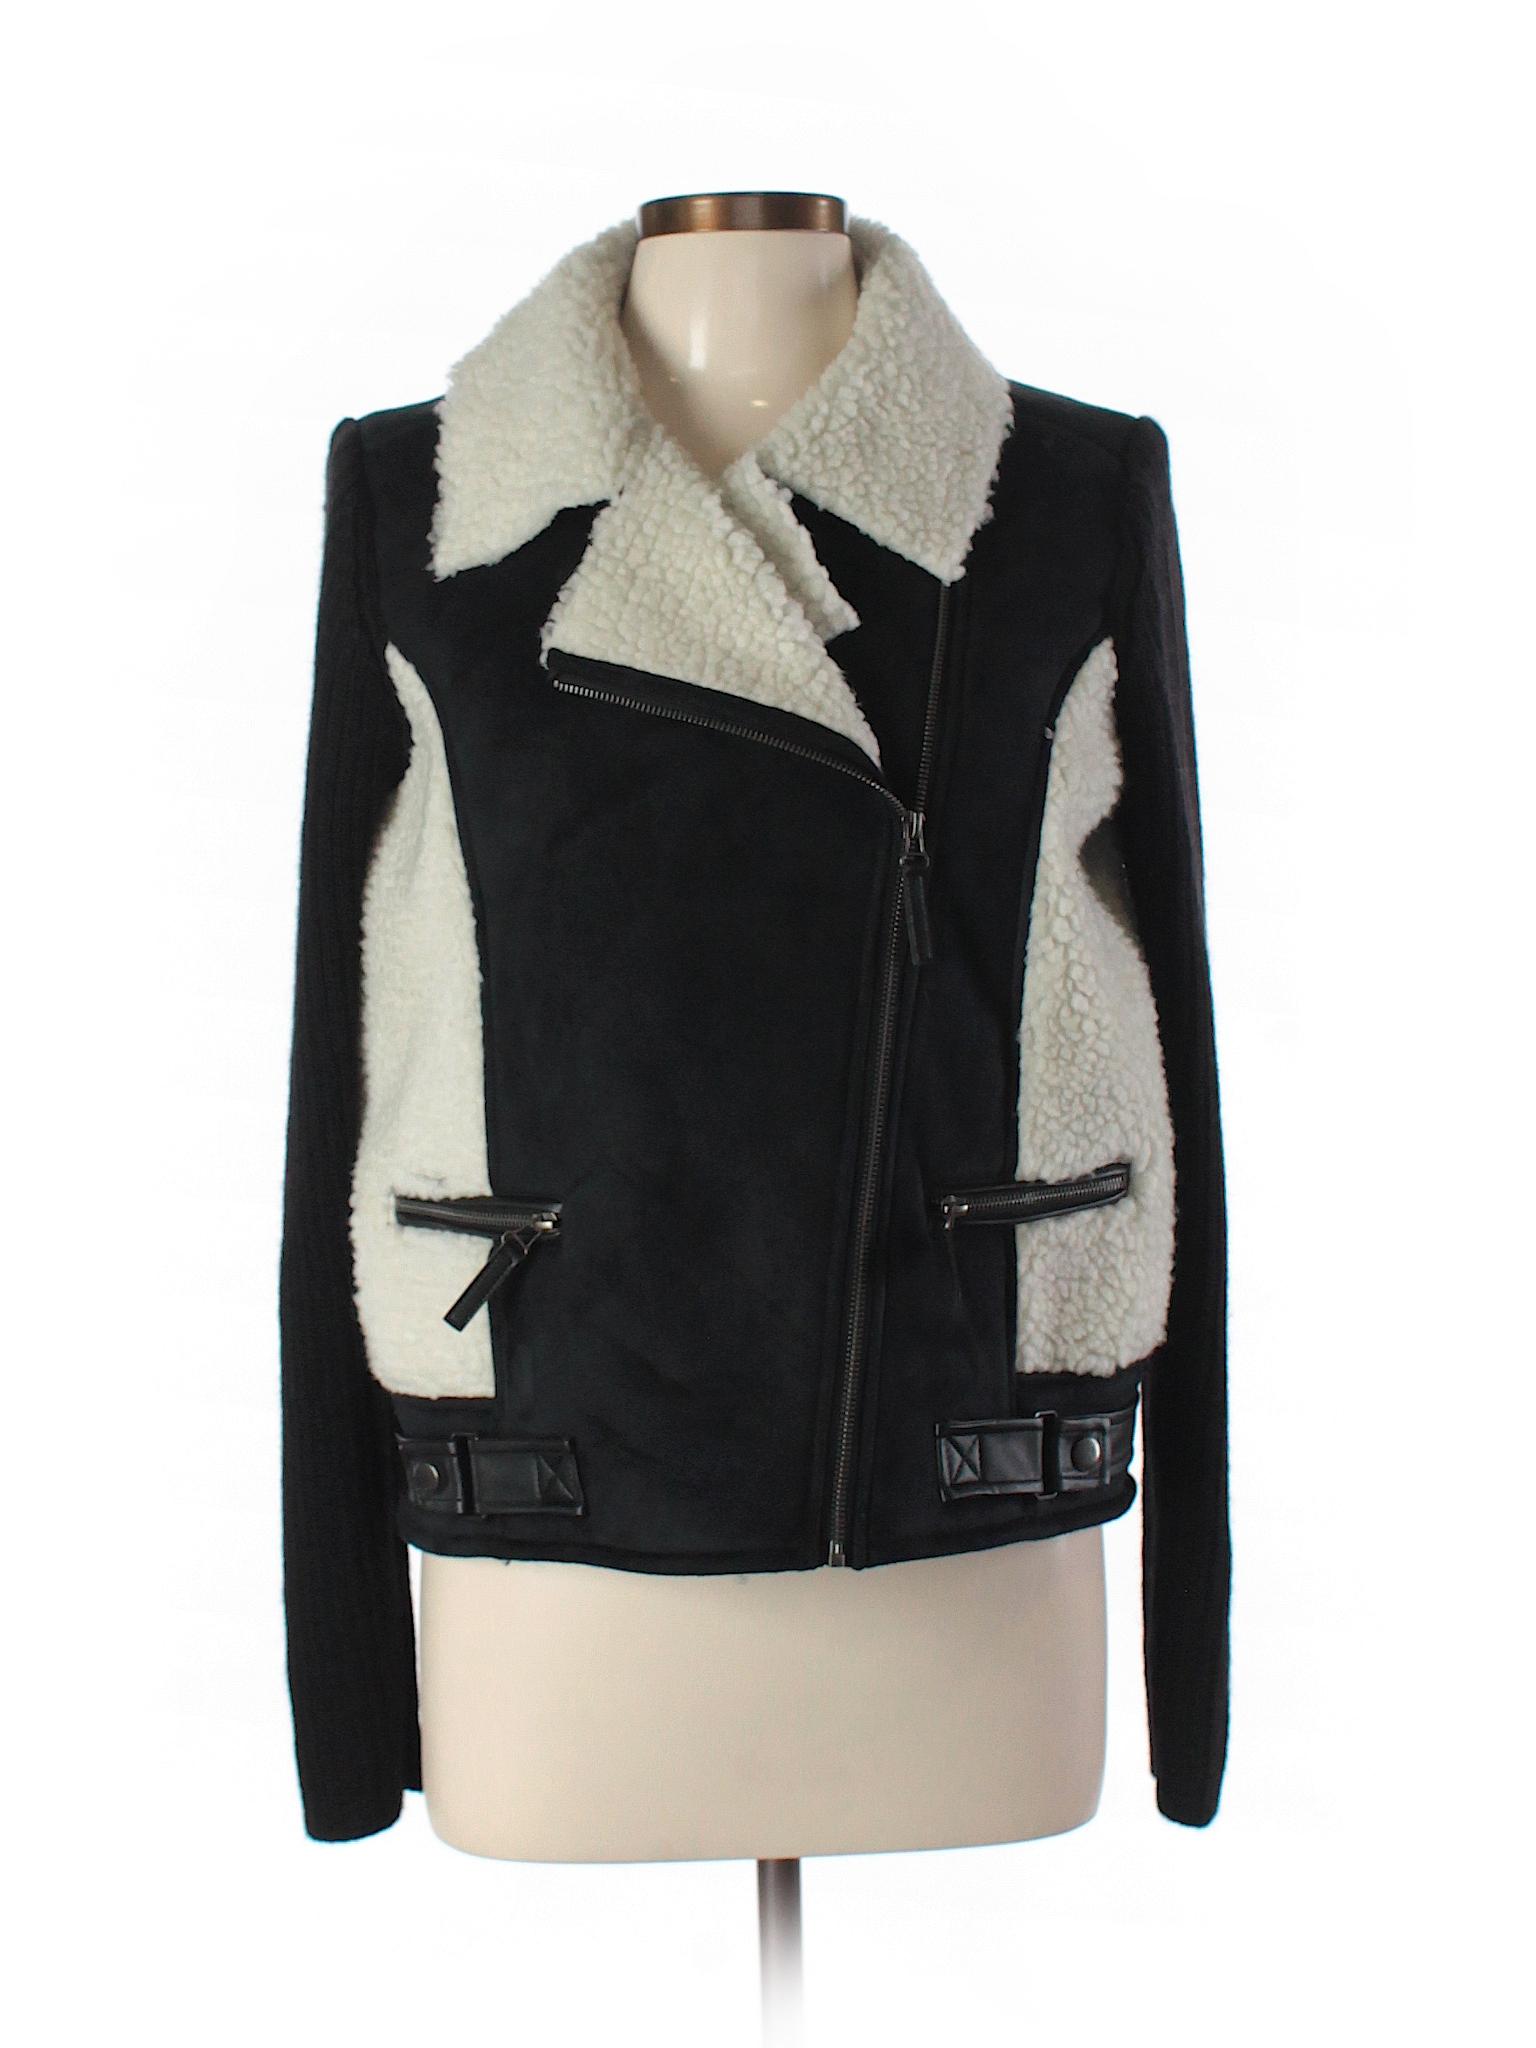 Leather jacket history